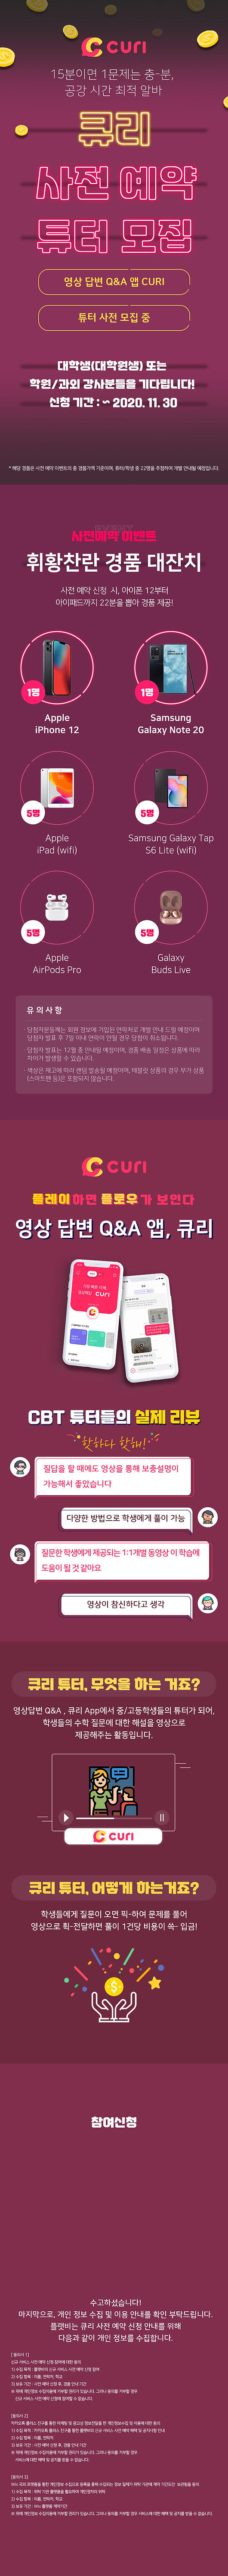 20201120큐리_튜터_mobile222.jpg